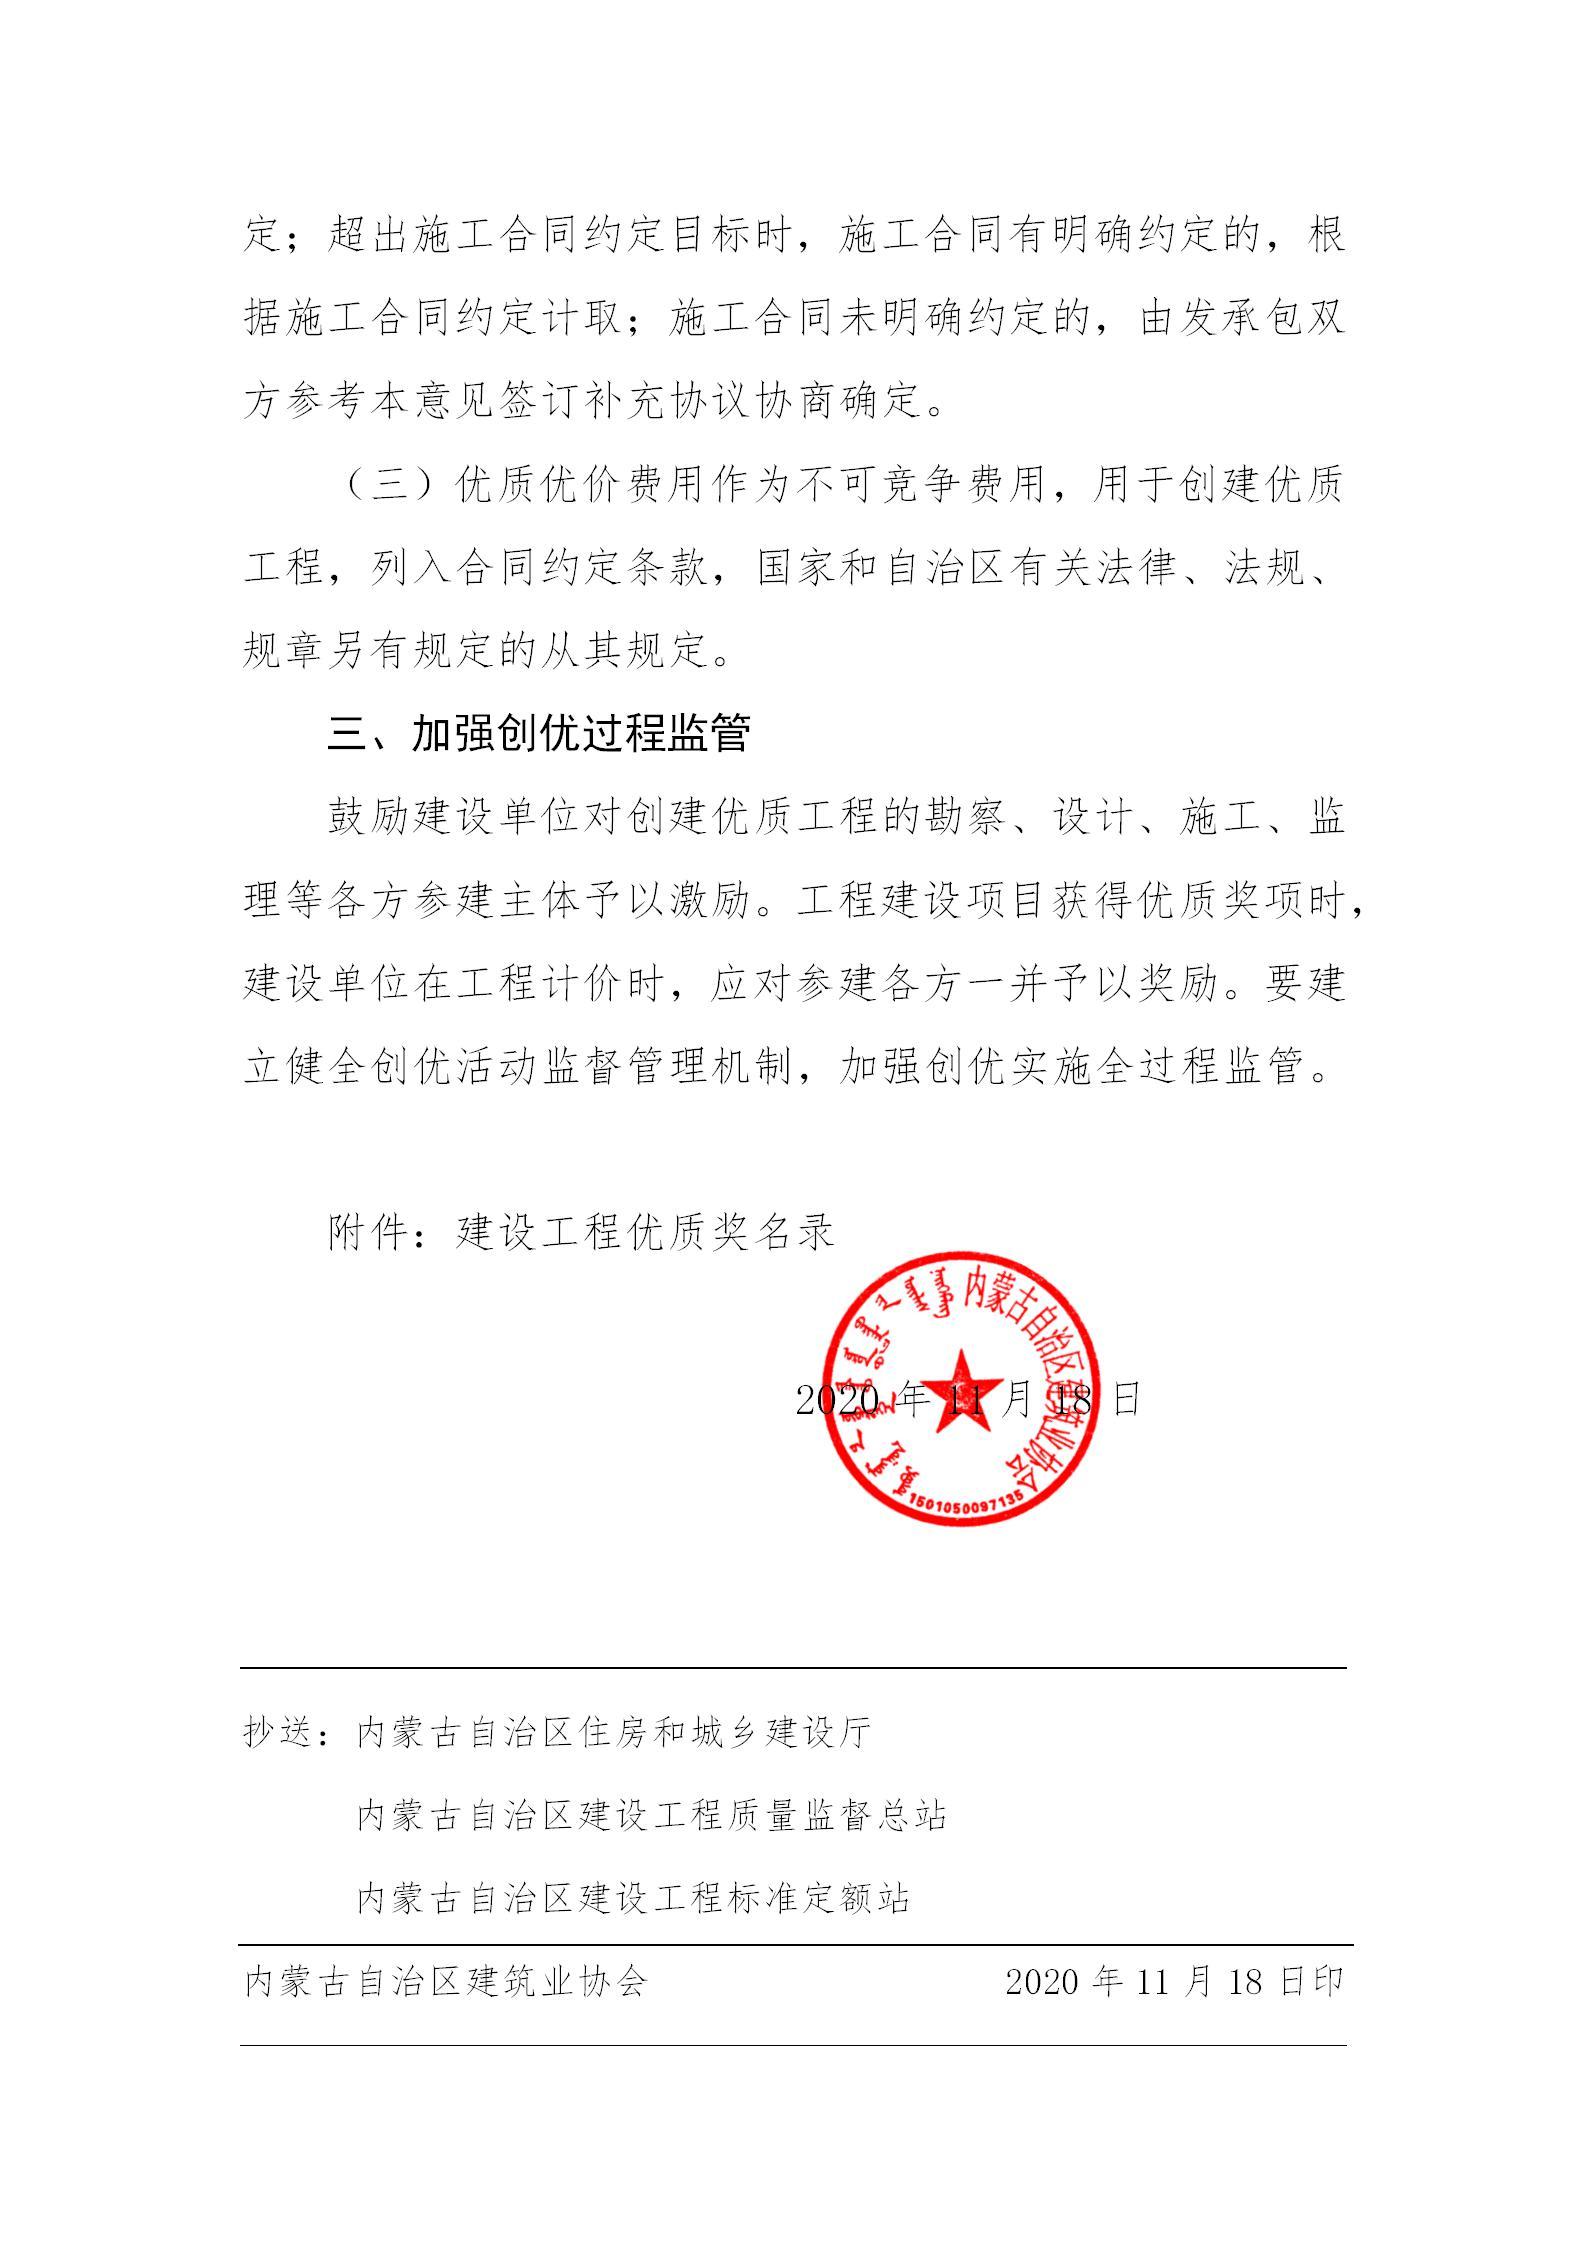 内建协〔2020〕181号   关于建设工程按质计价的意见_03.jpg